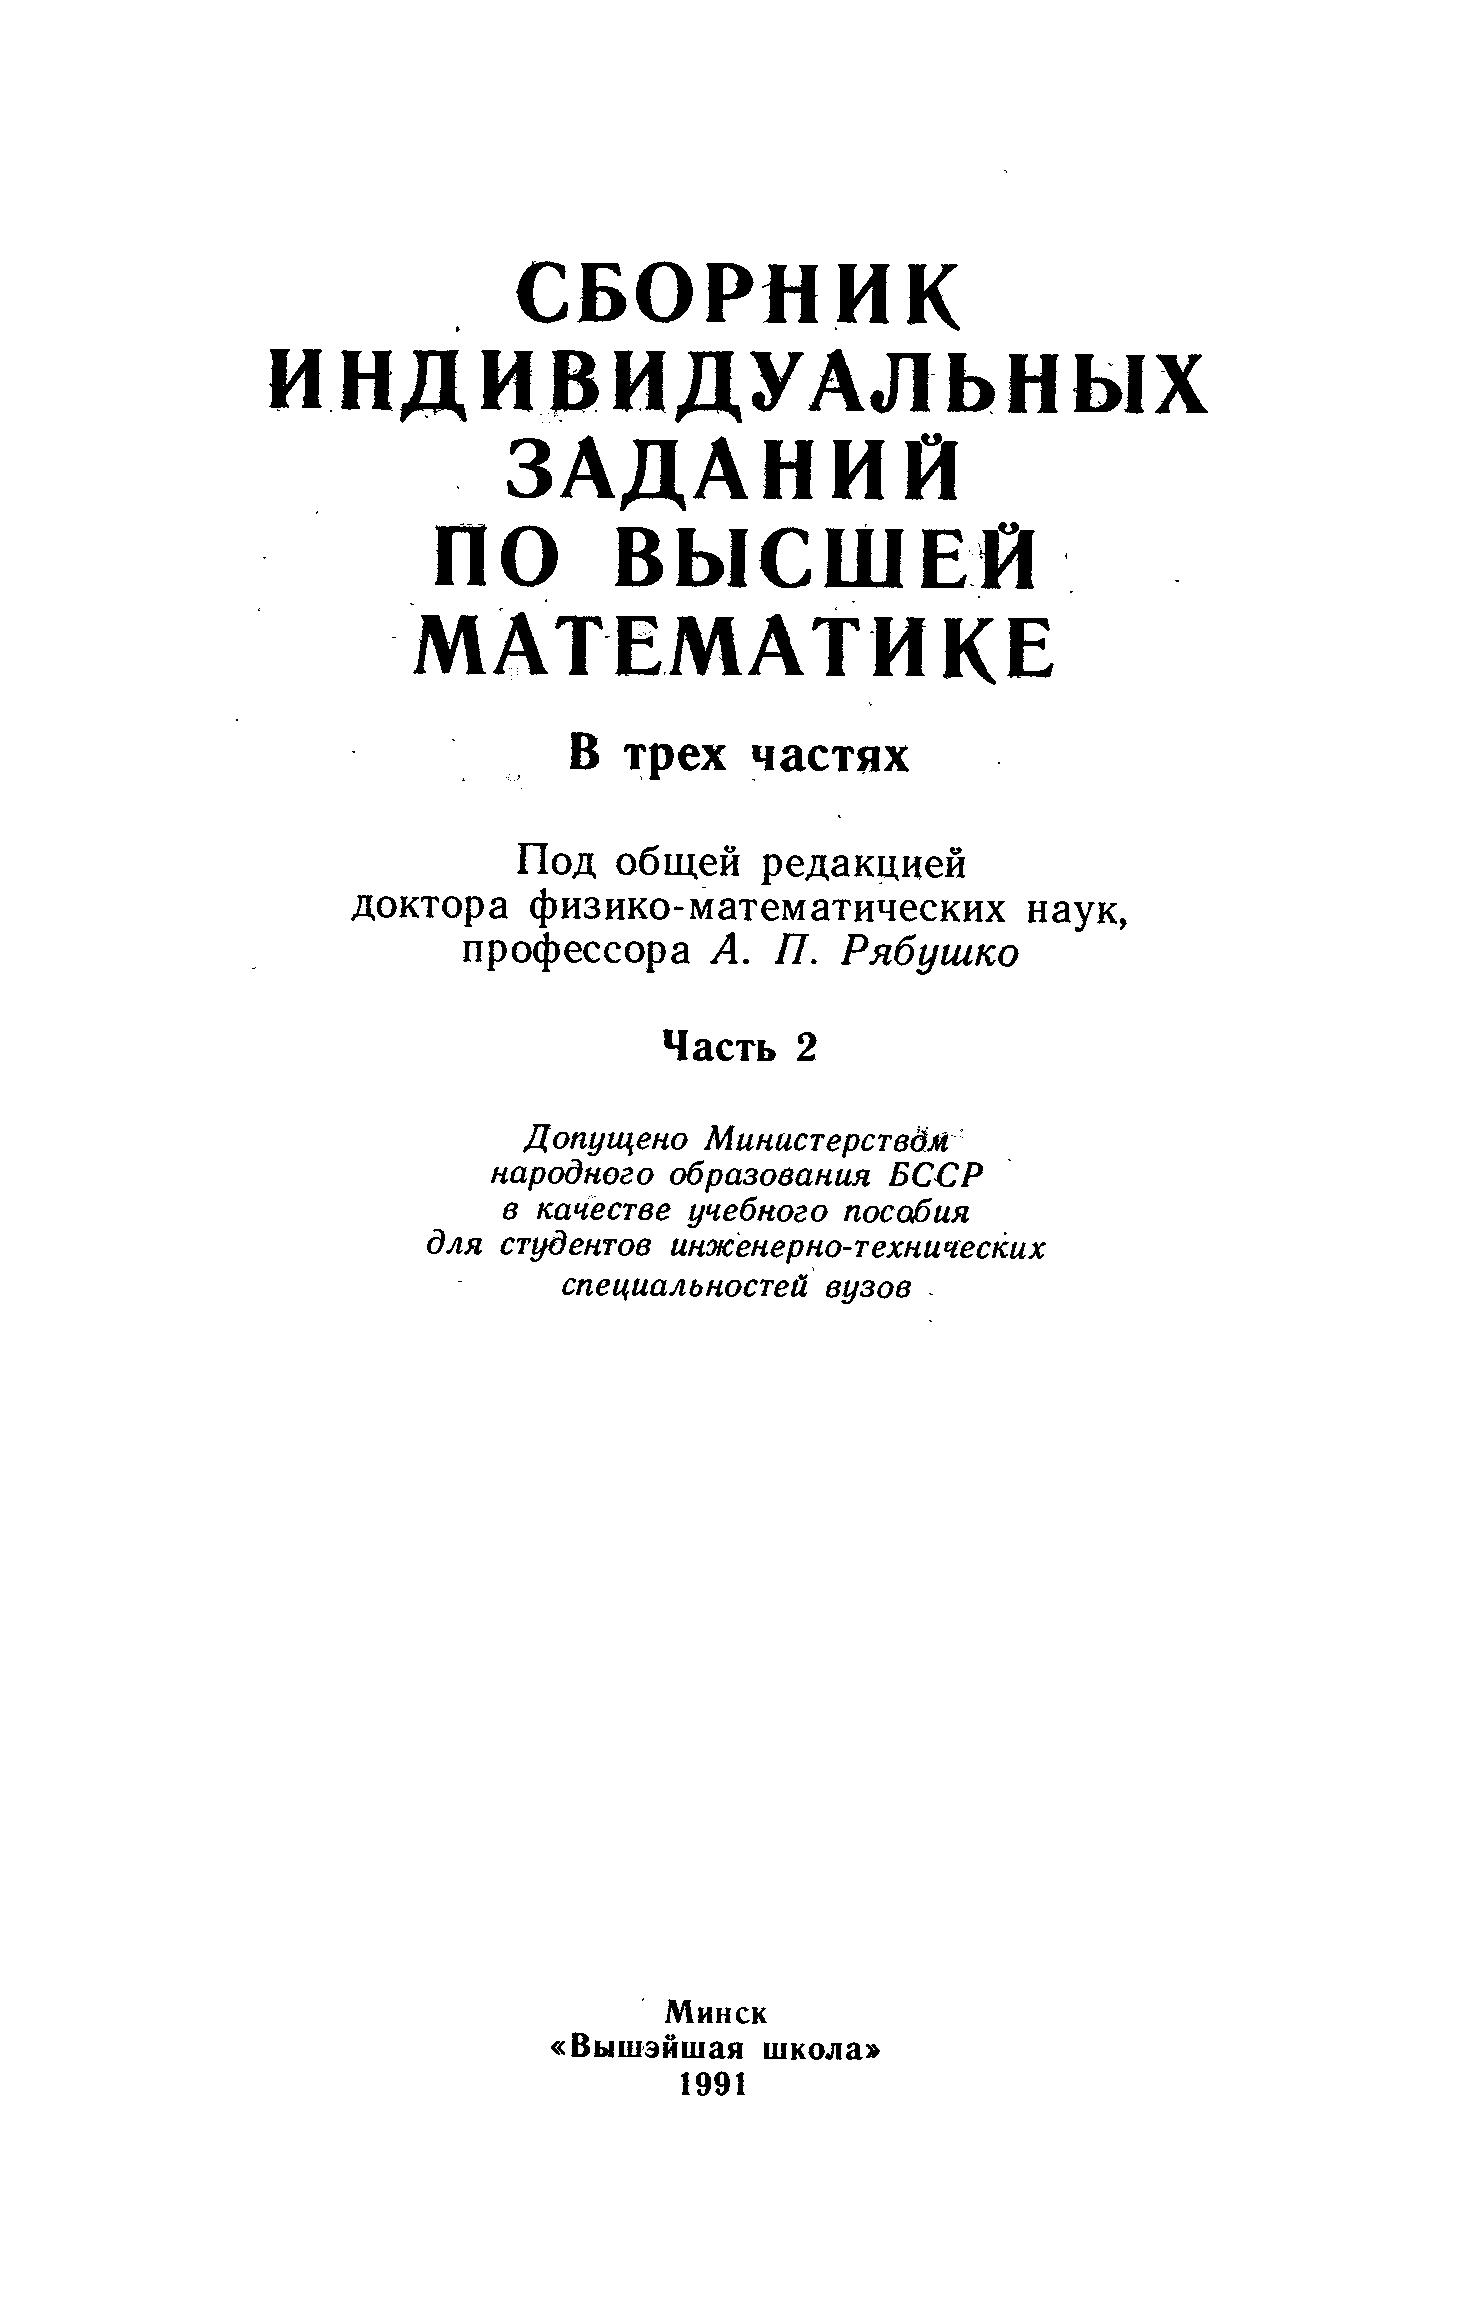 По высшей математике к подольский сборнику решебник задач